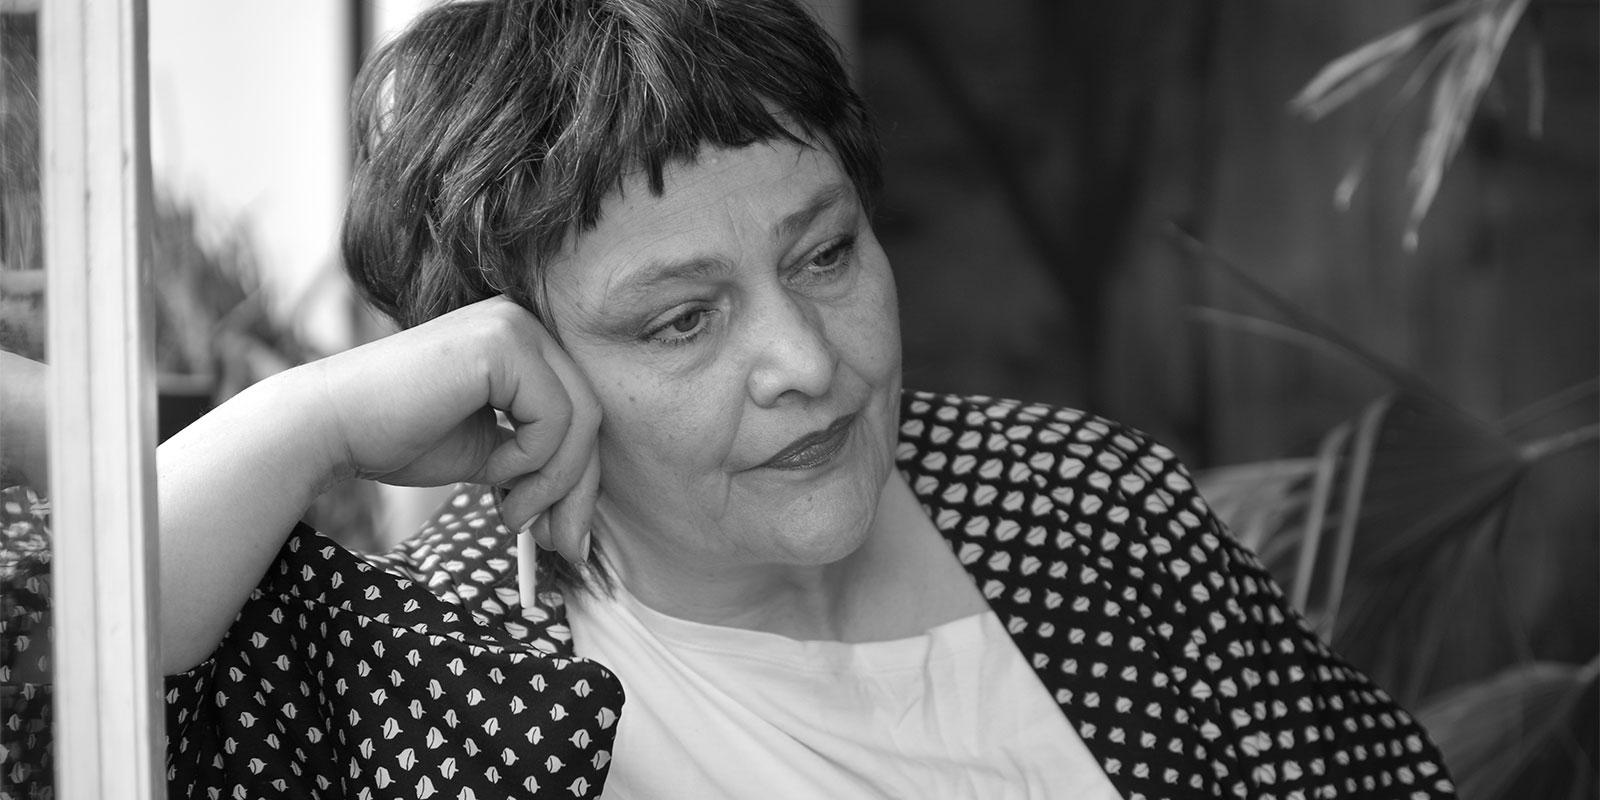 Исландската писателка Халдоура Тородсен за живота, любовта и възрастта